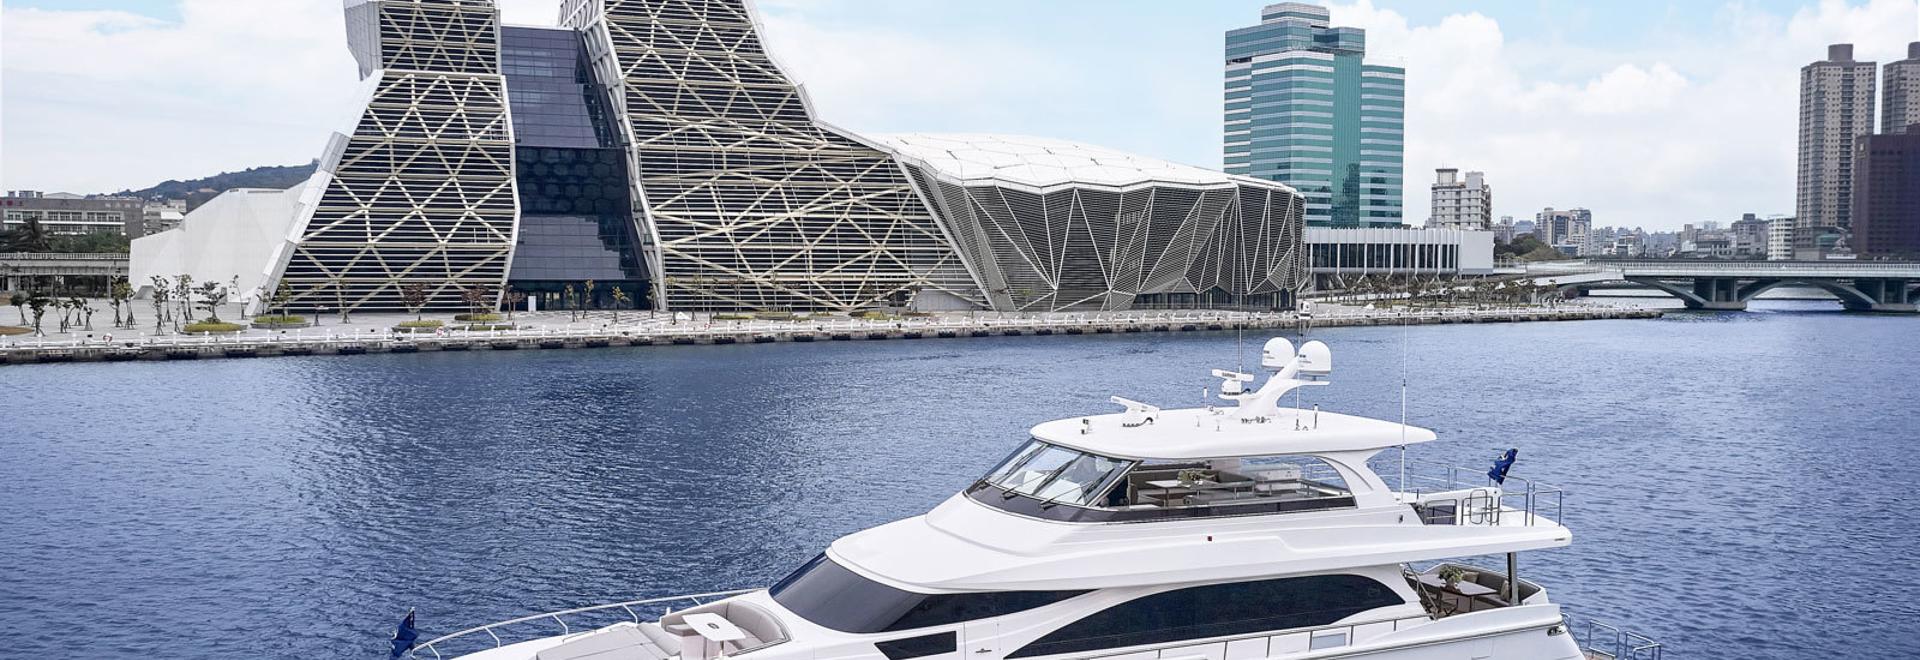 Horizon Yachts enthüllt erste 26m E81-Yacht